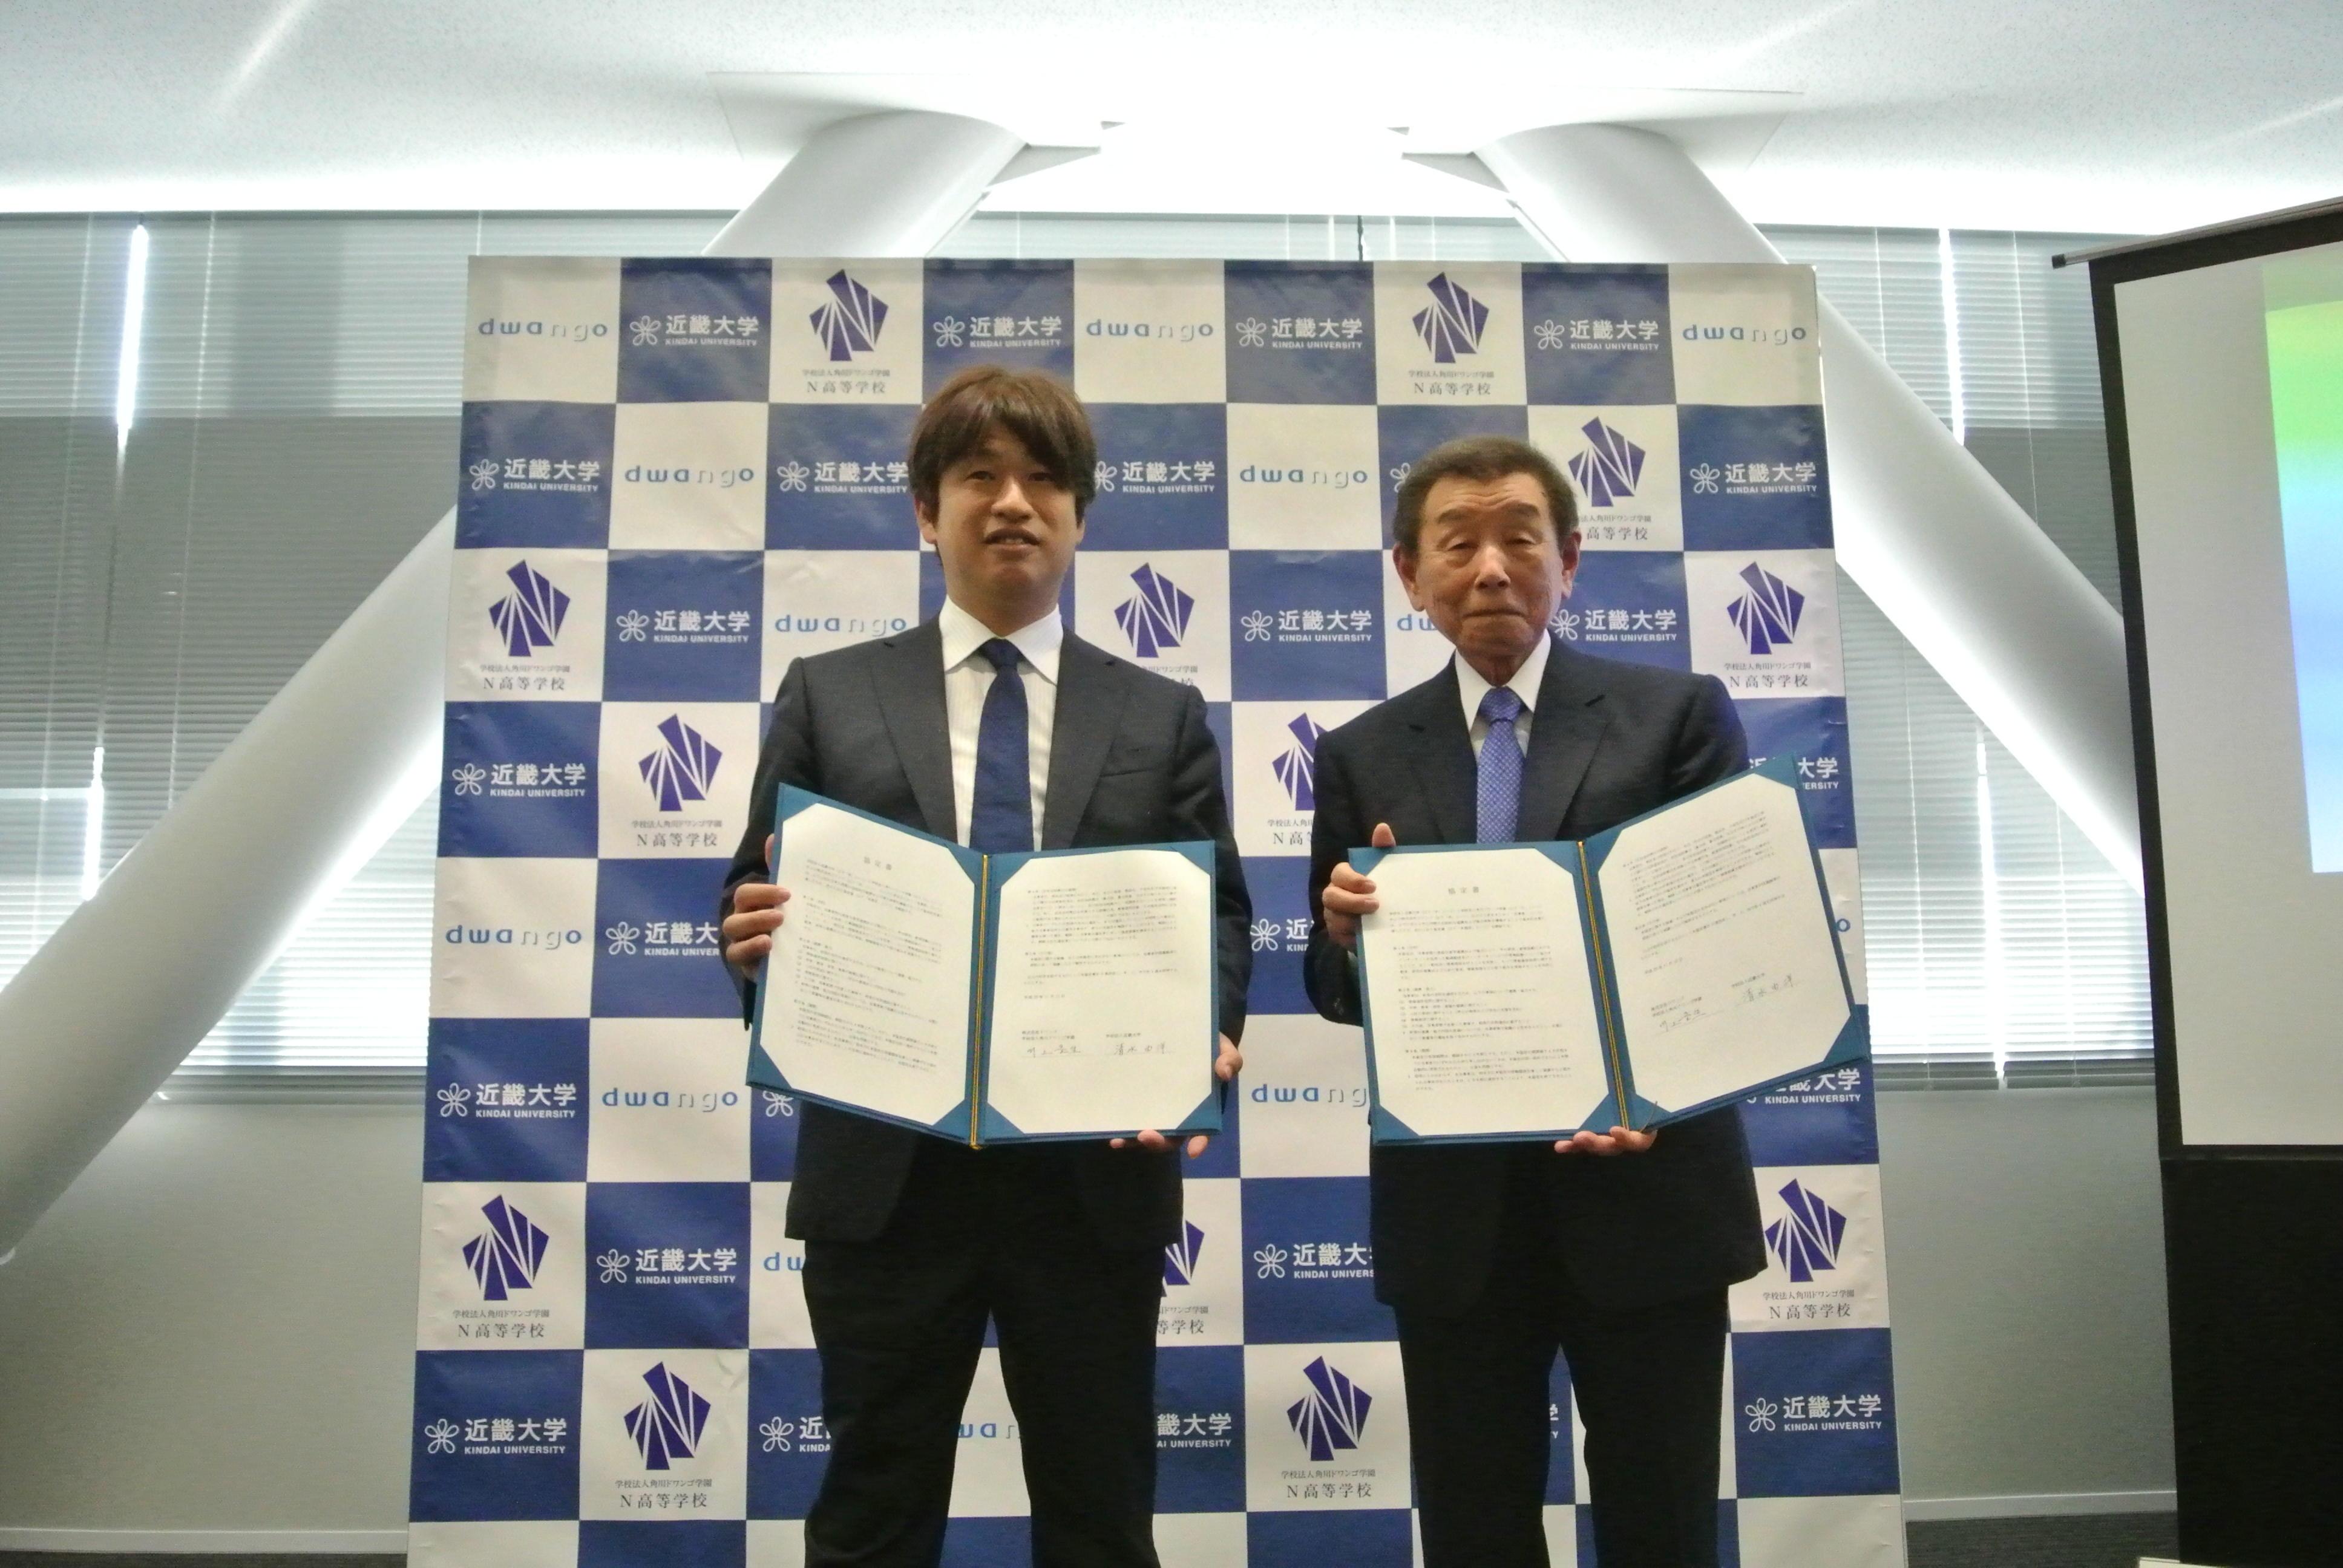 株式会社ドワンゴ、N高等学校×学校法人近畿大学 包括連携協定締結